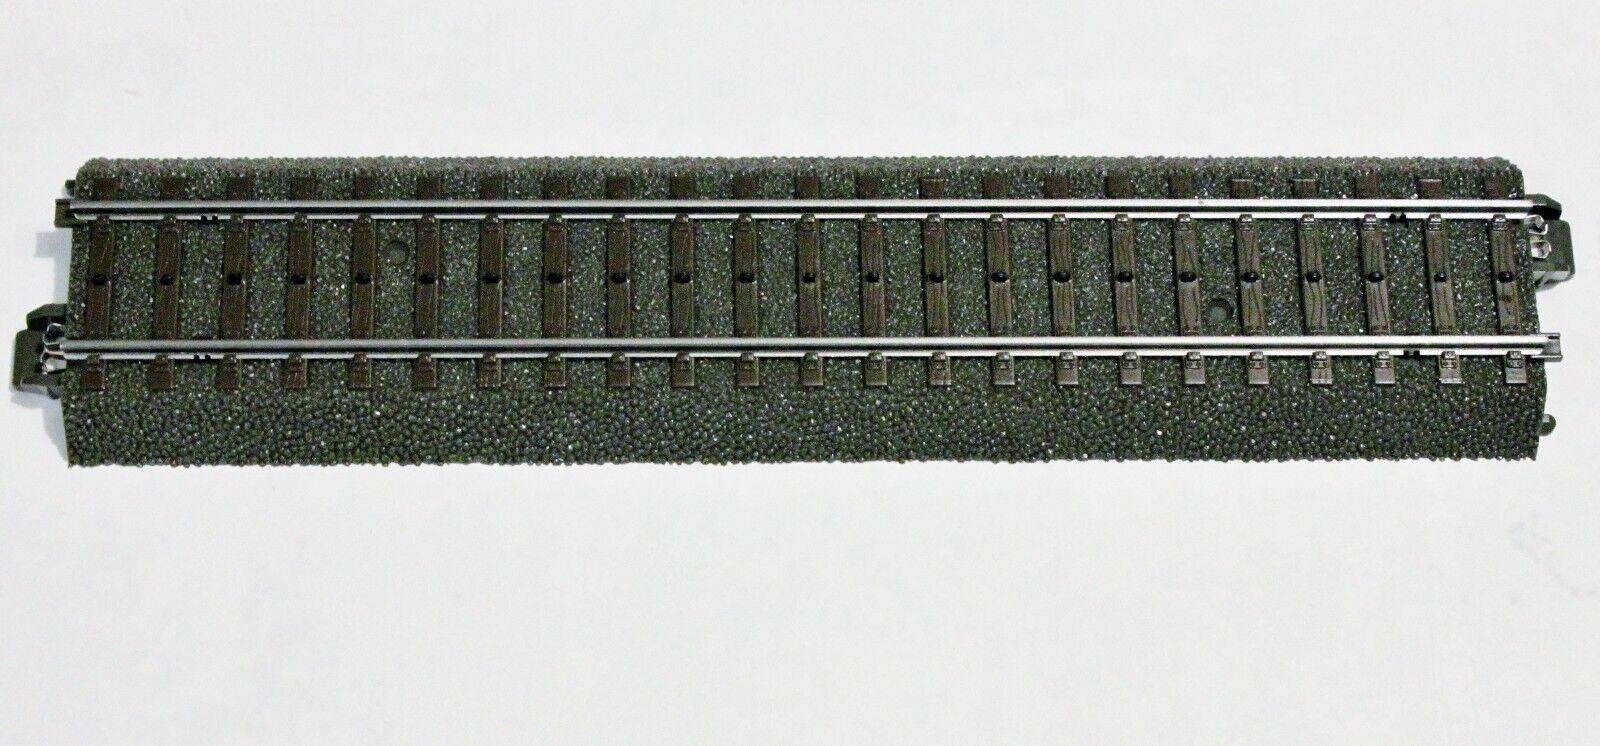 MARKLIN HO Large STRAIGHTS C Tracks 24360 Box=10PCS.